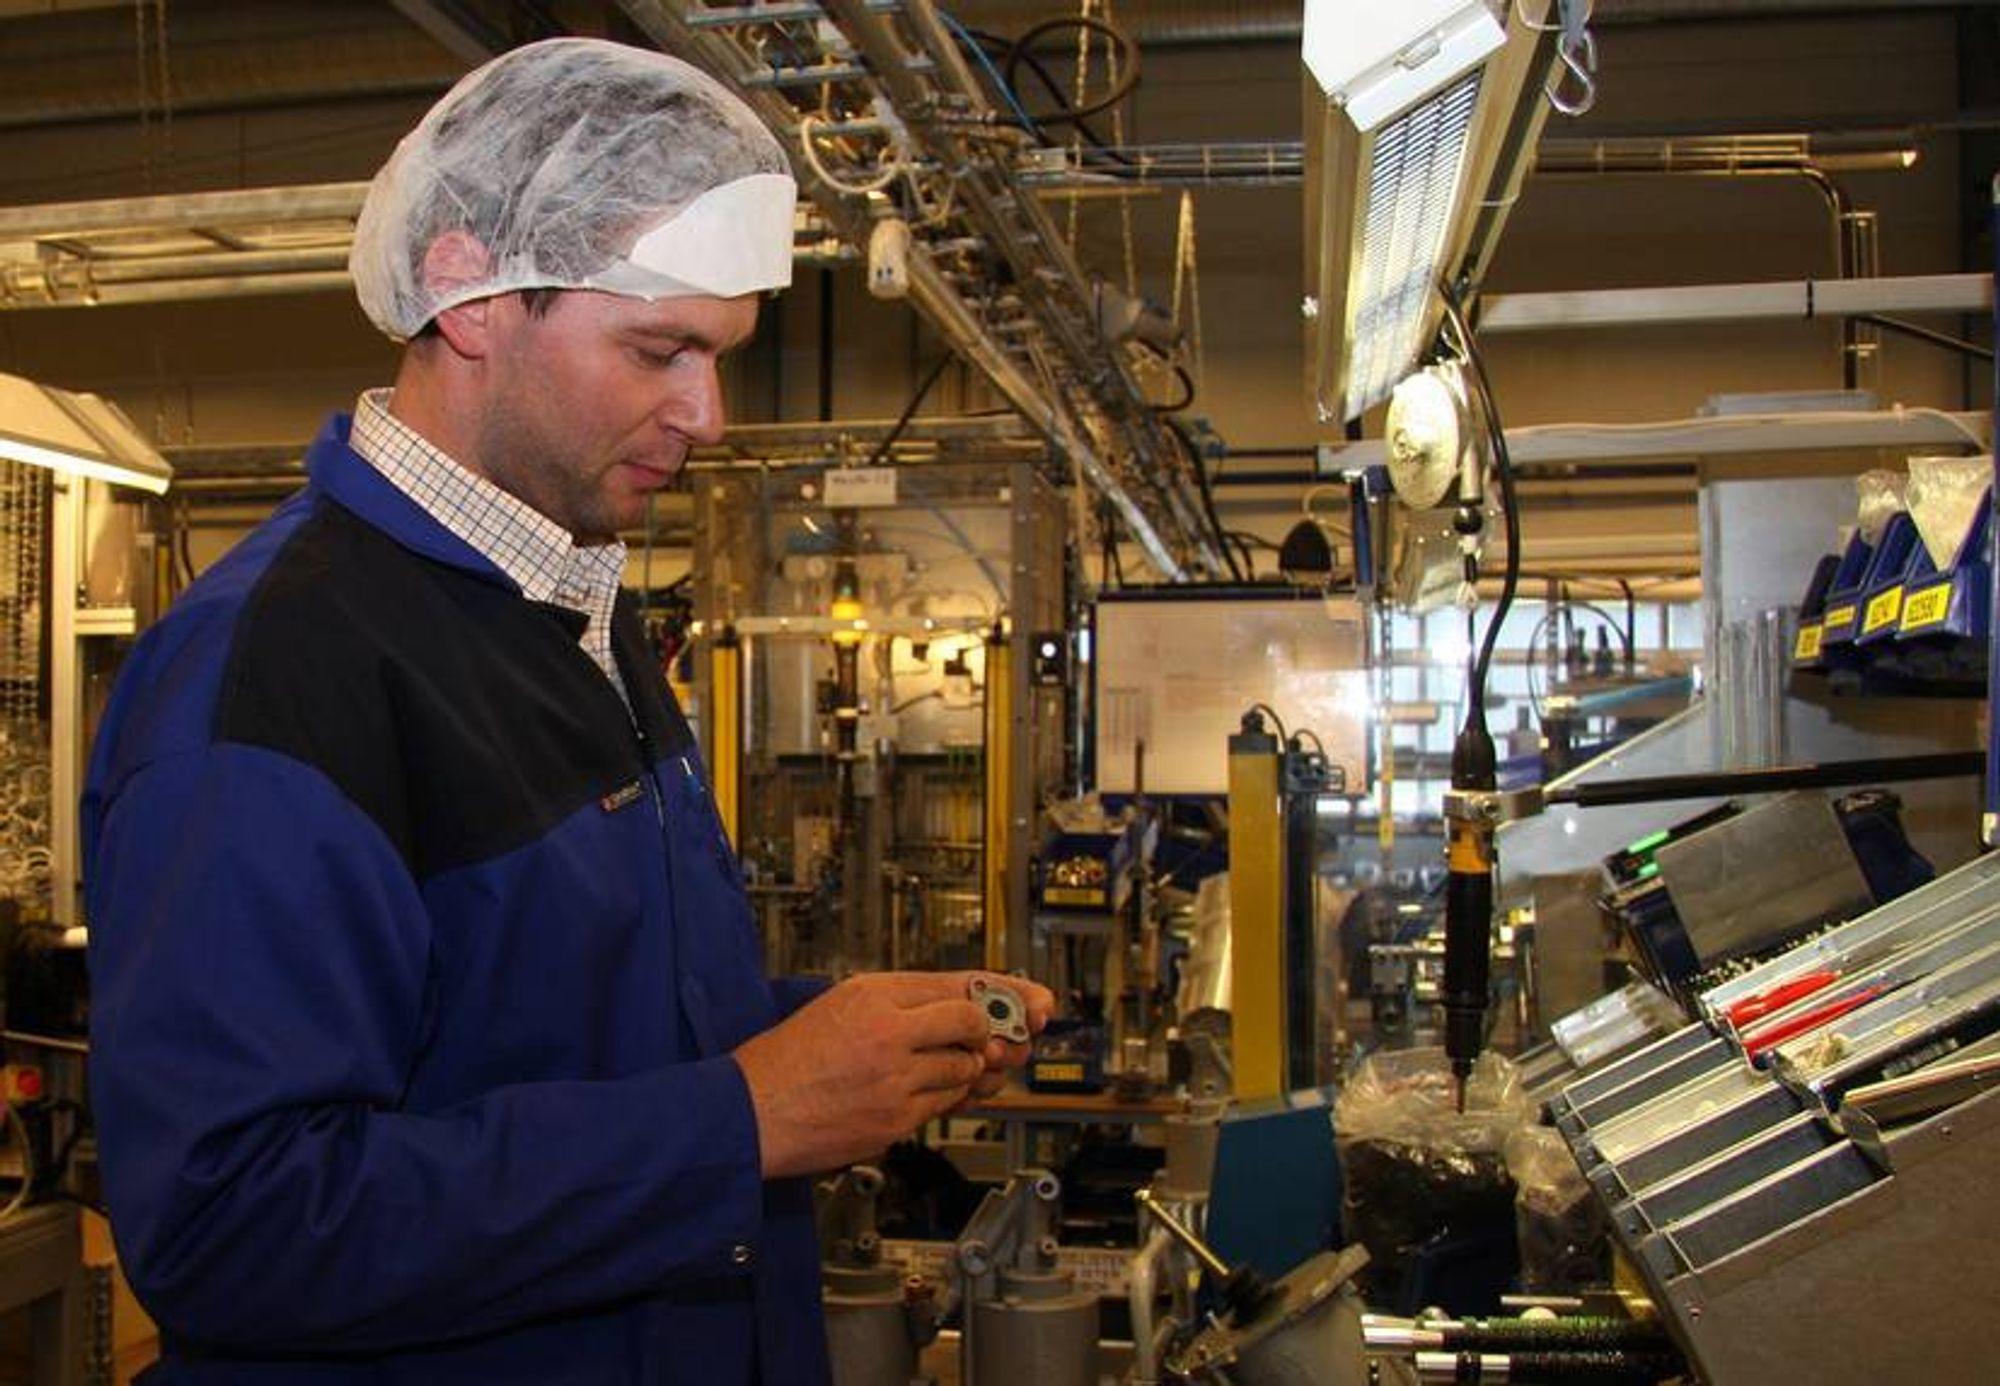 INDUSTRI: Eivind Holvik, som jobber ved Kongsberg Automotive på Hvittingfoss, er blant dem som hittil har beholdt jobben tross nedgangstider. Nå varsler arbeidsgiveren nye kutt.